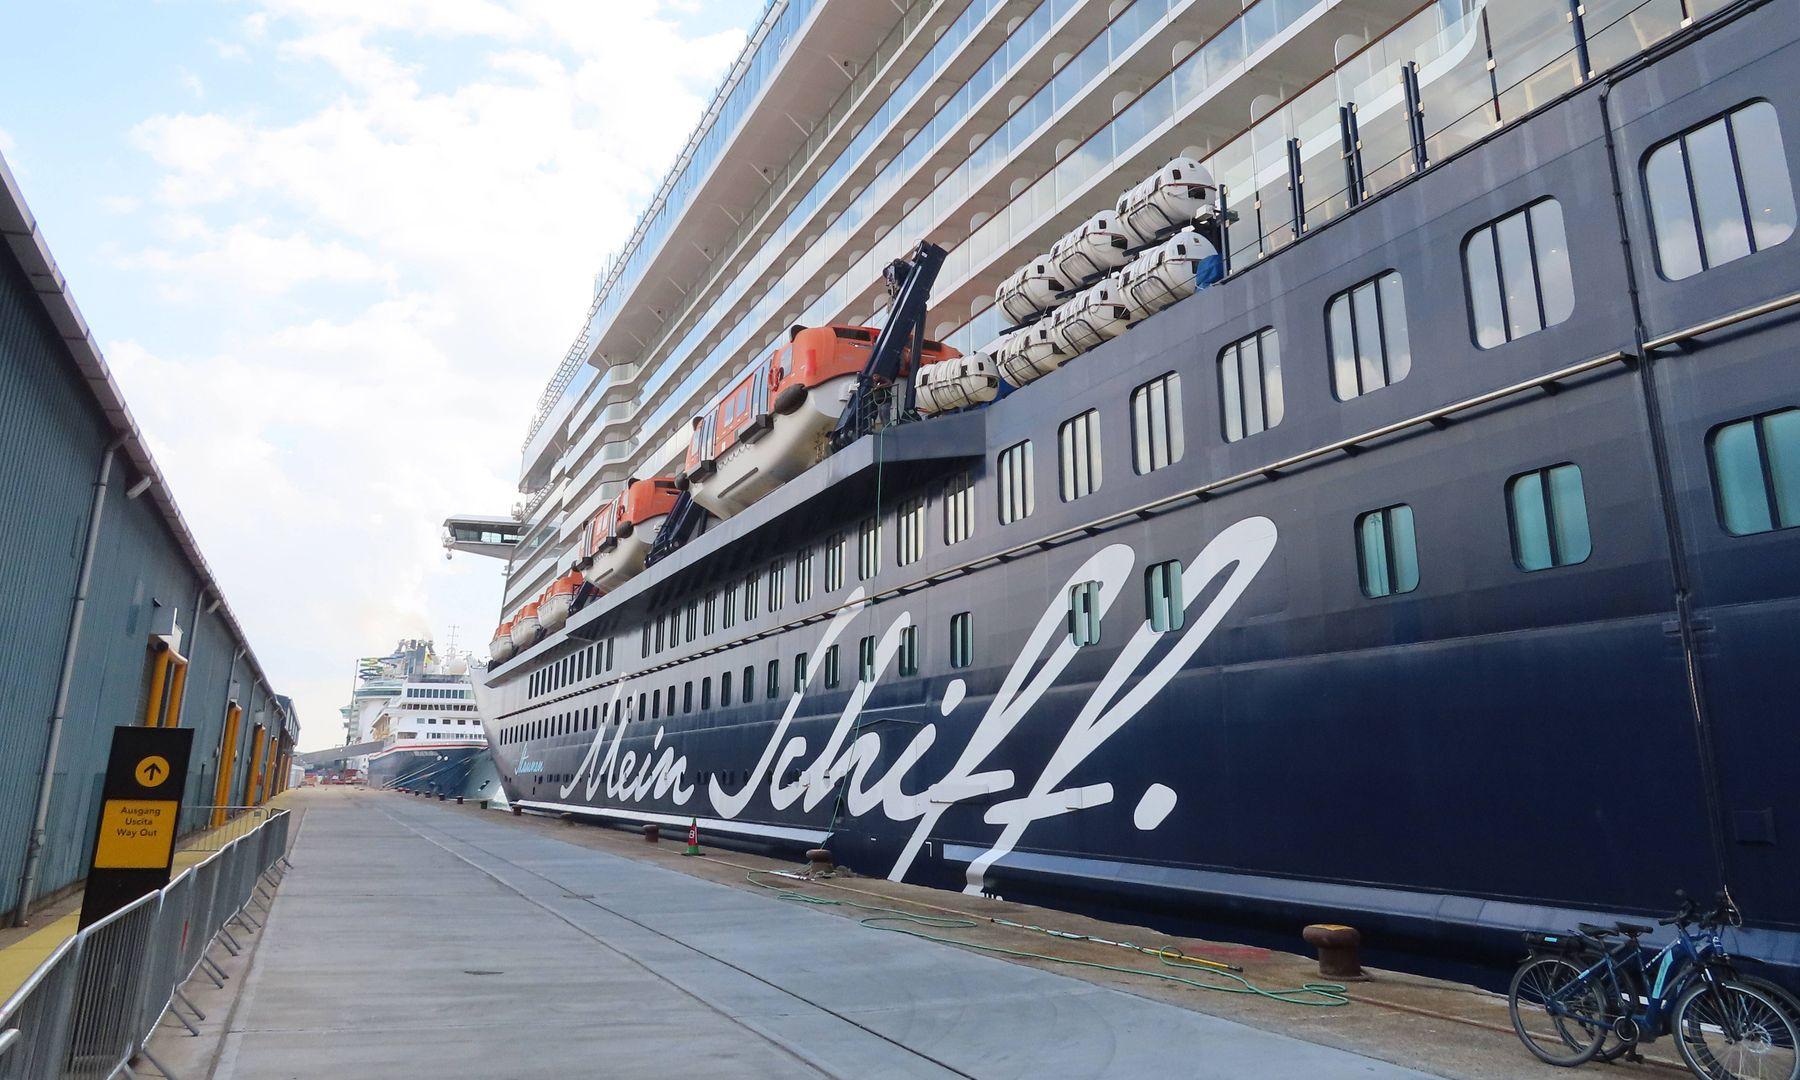 Mein Schiff Corona